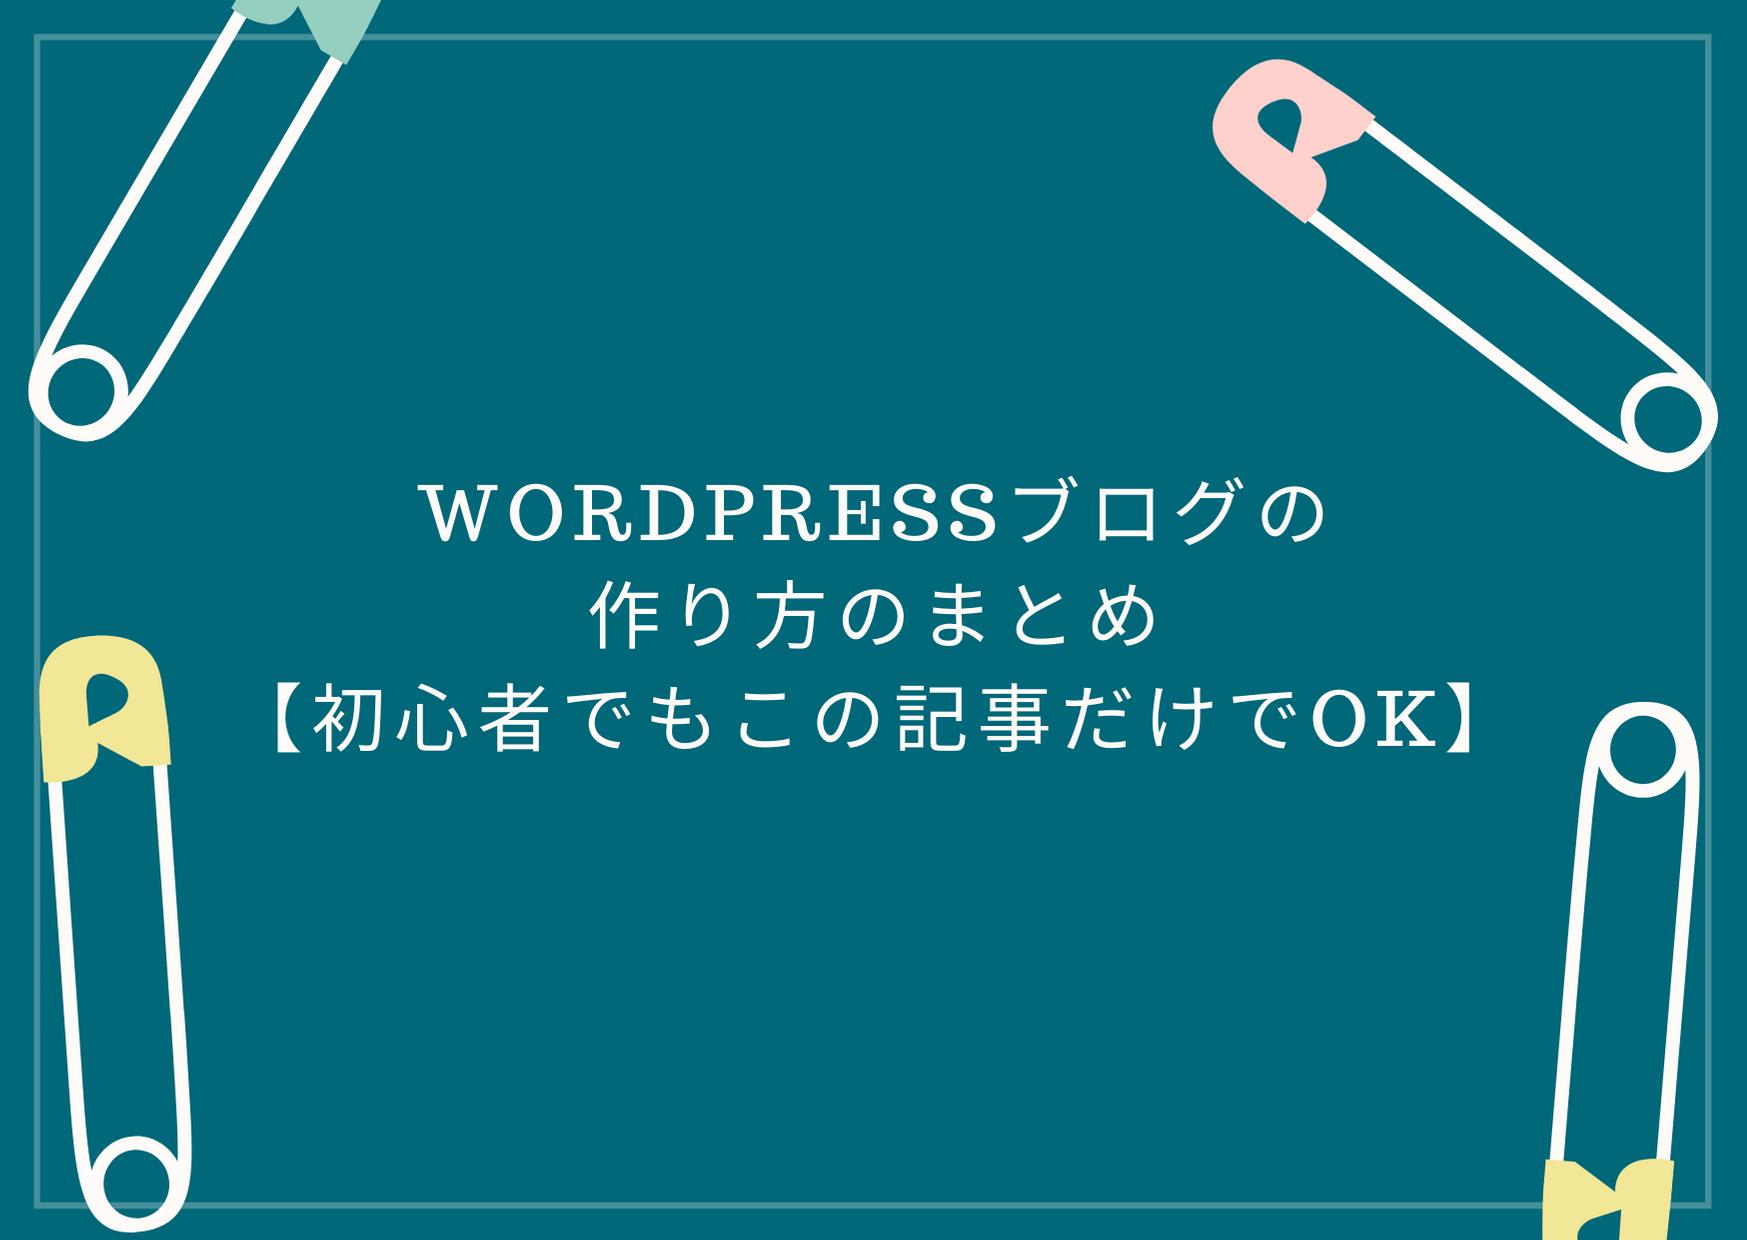 WordPressブログの作り方のまとめ【初心者でもこの記事だけでOK】